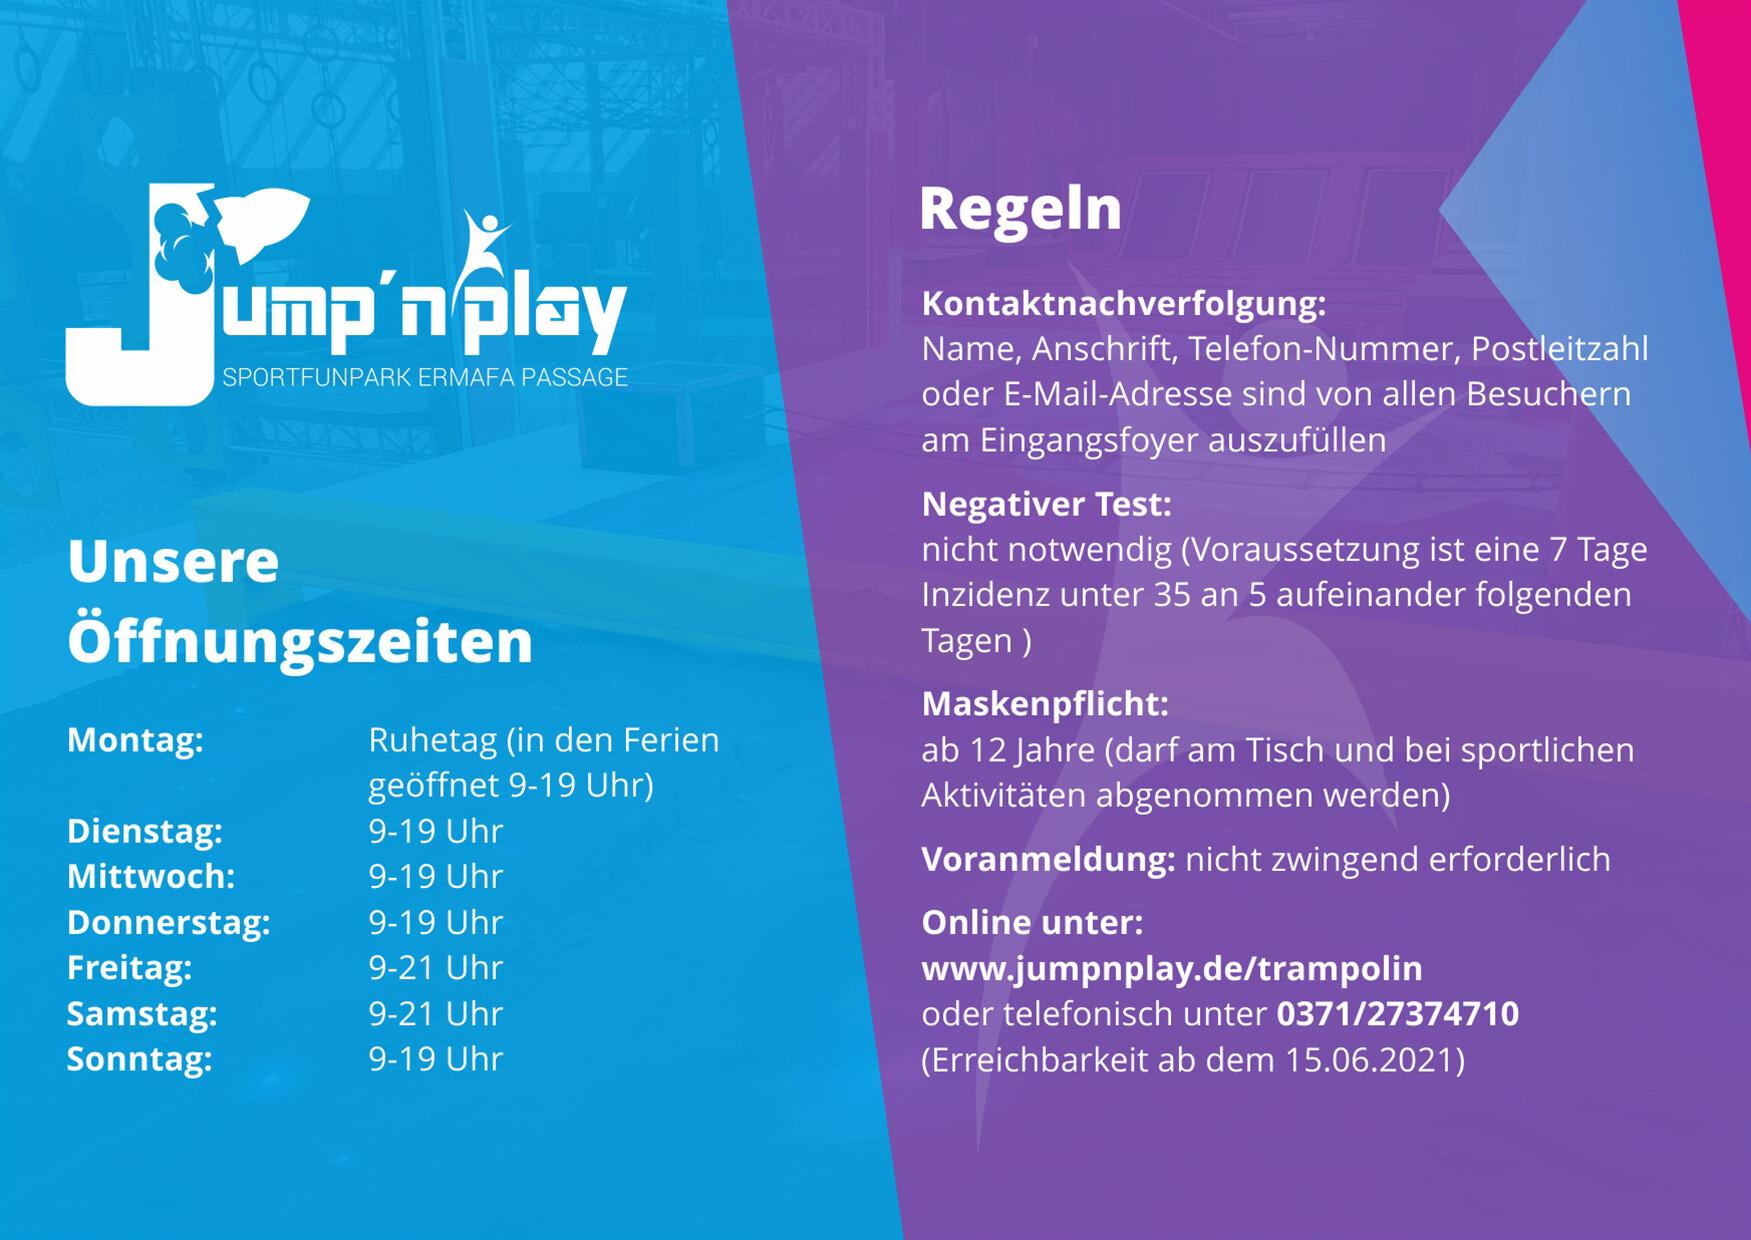 Jumpnplay_Anzeige Wiedereröffnung 2021_Oeffnungszeiten